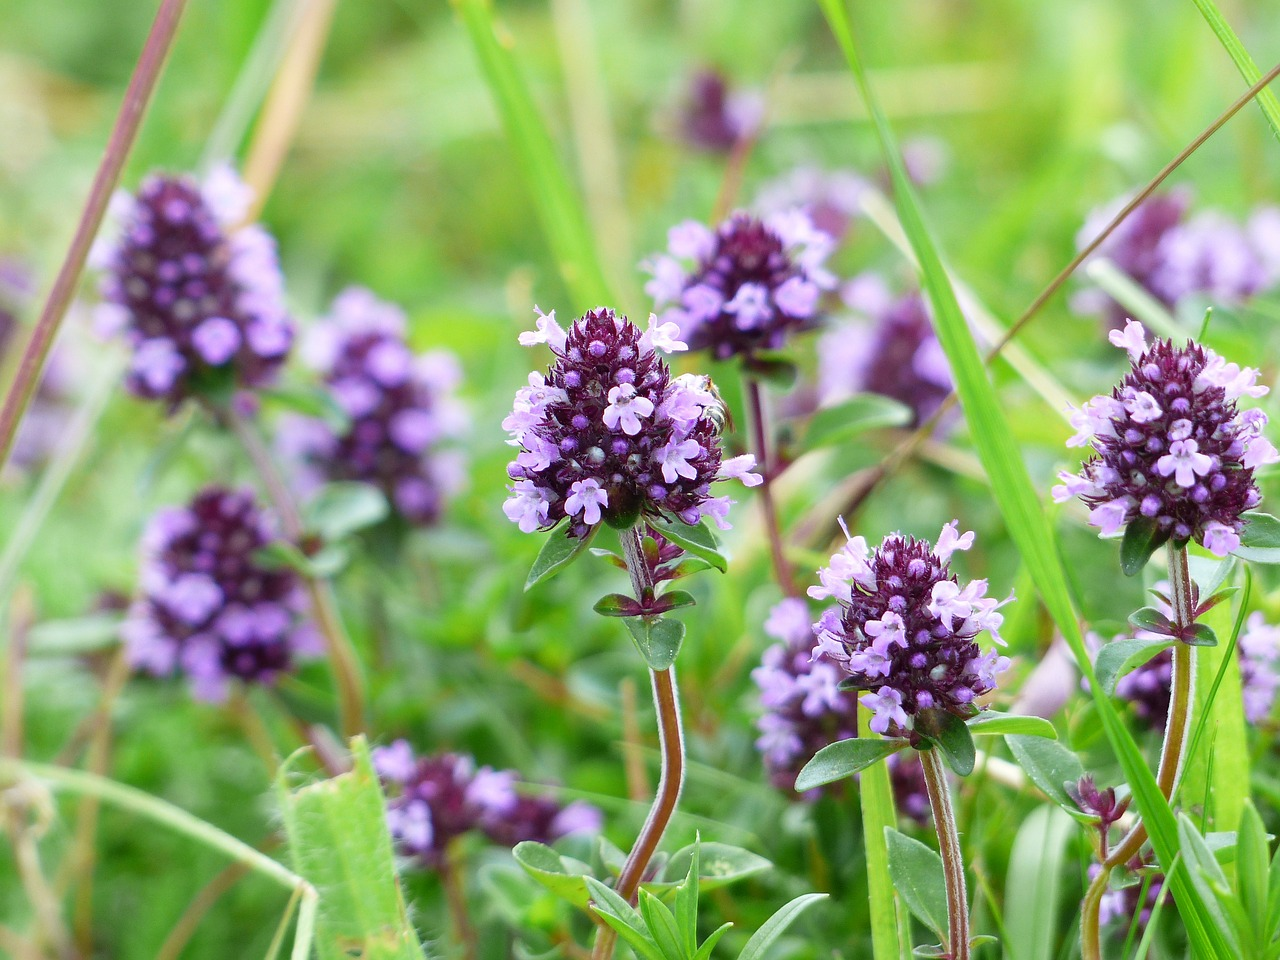 L'huile essentielle de thym vulgaire à linalol: propriétés et utilisation sans danger (Thymus vulgaris linaloliferum)